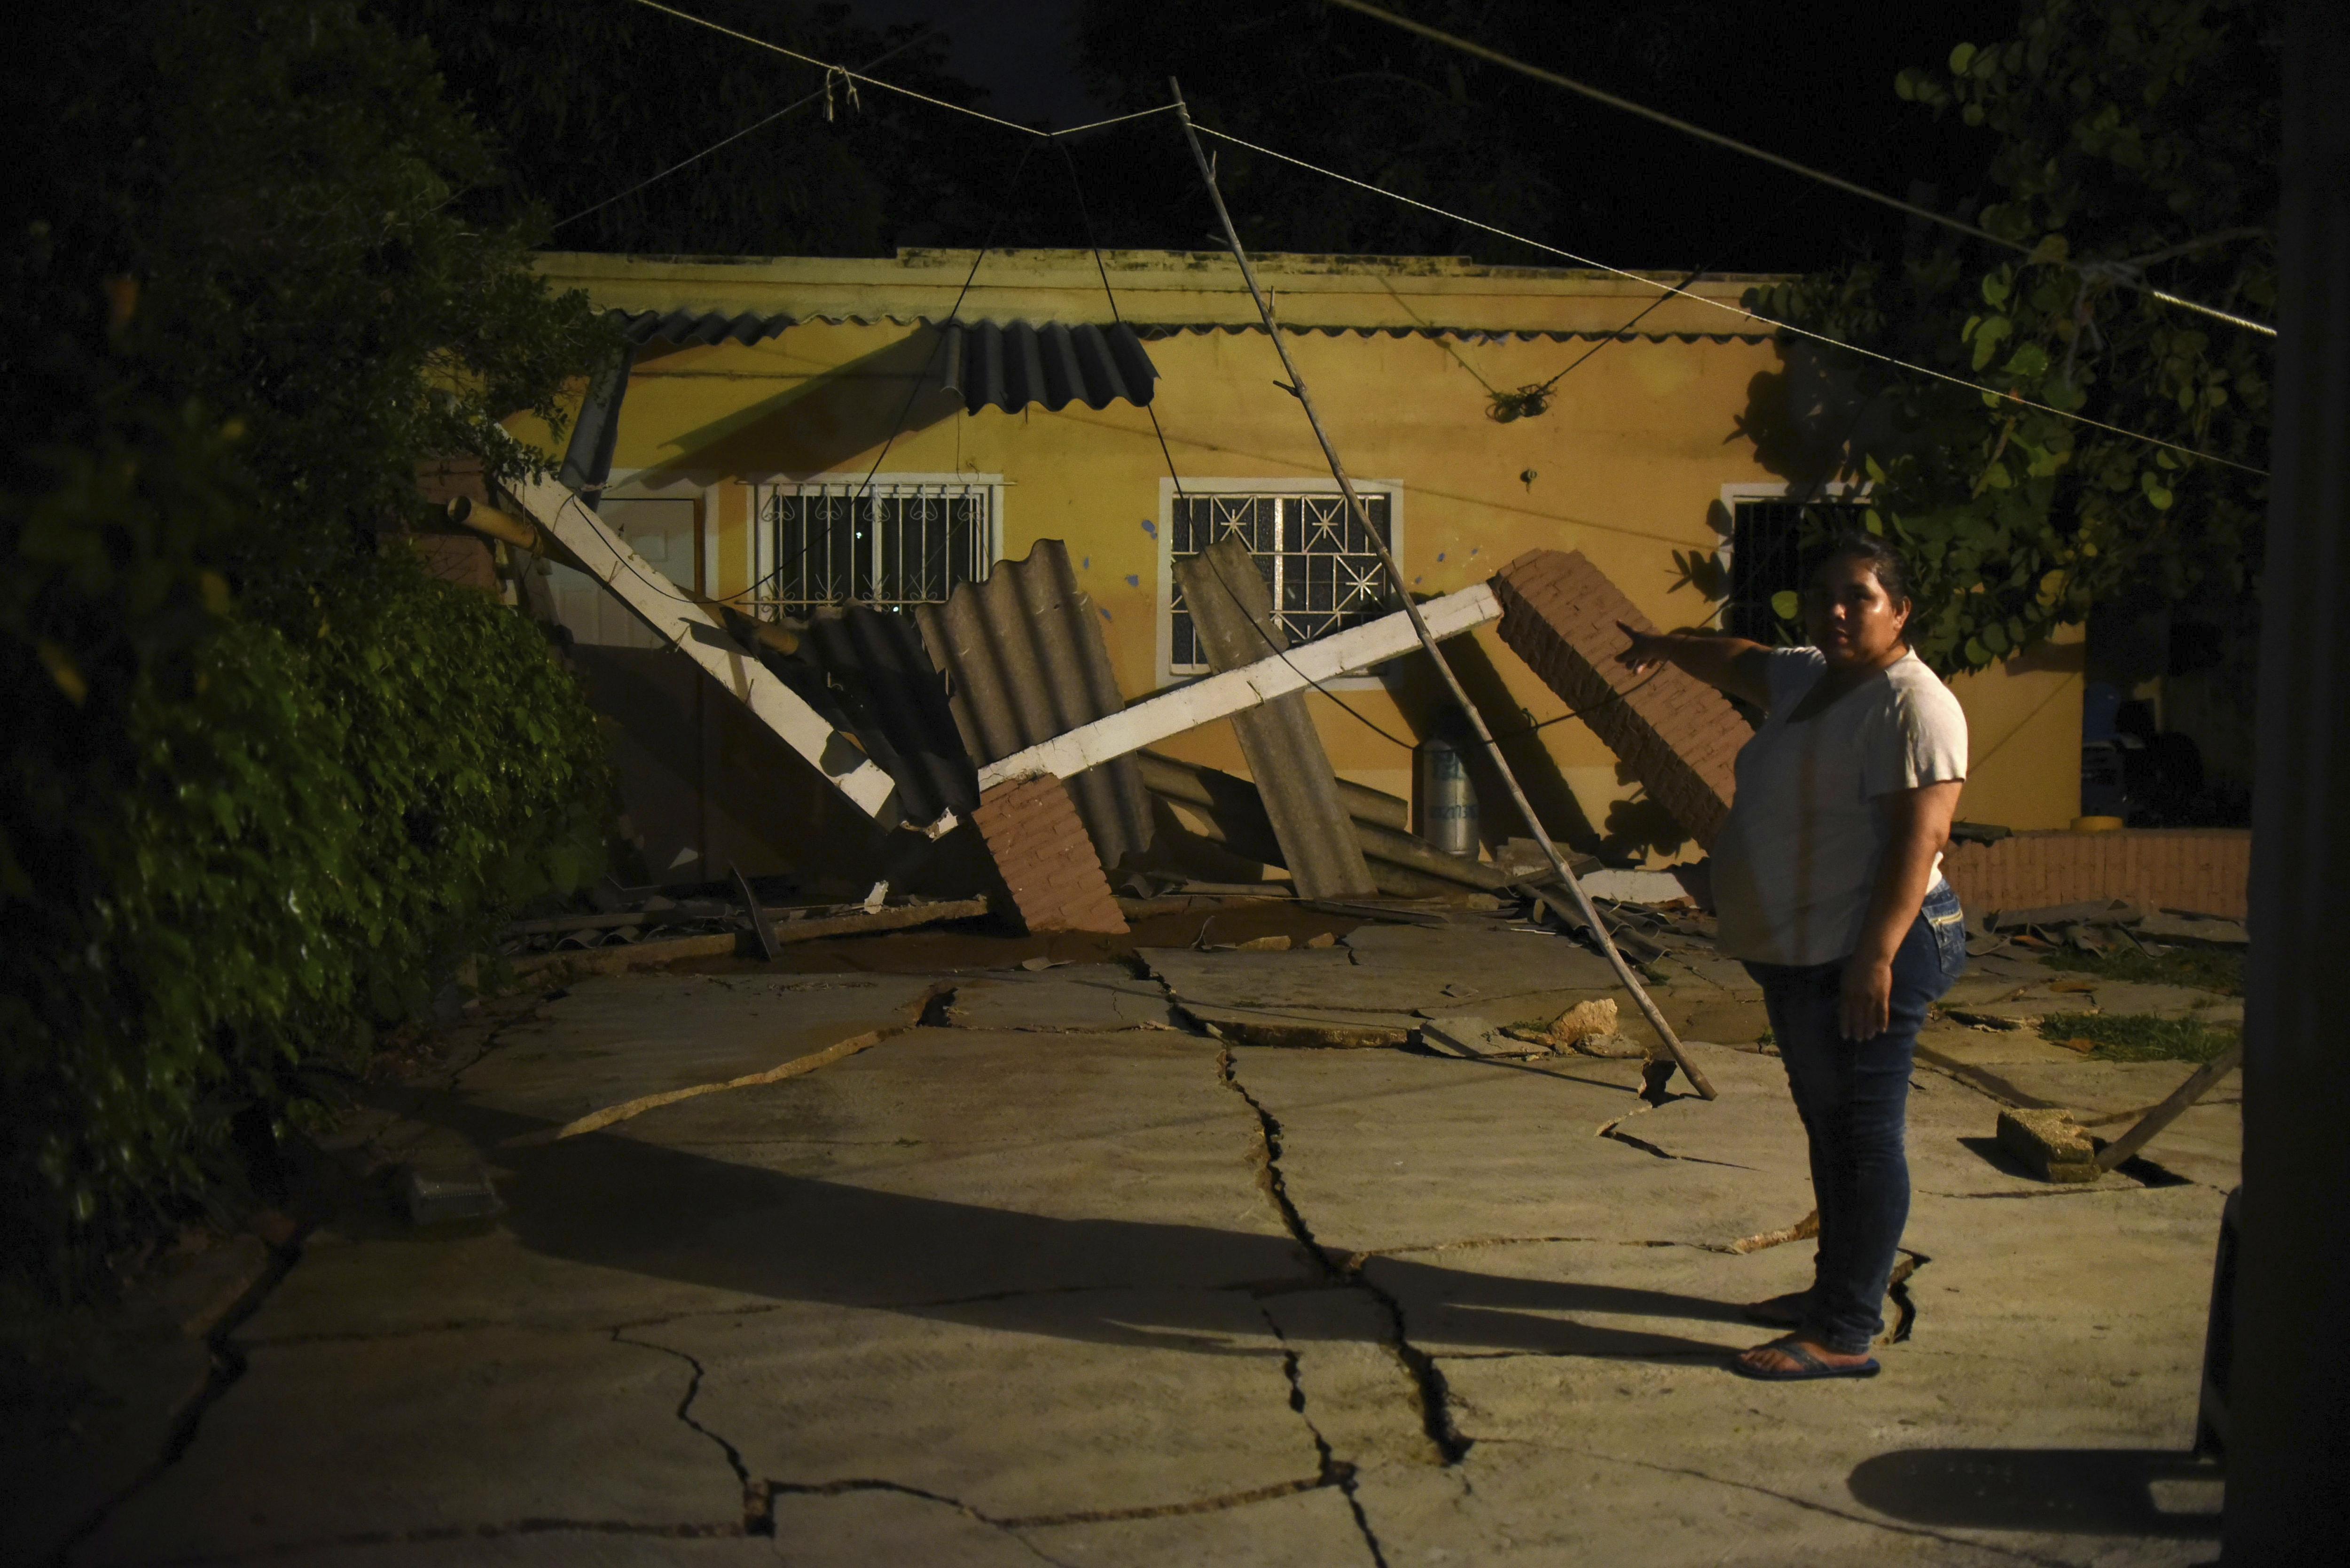 Una resident del municipi de Coatzacoalcos, a Veracruz (Mèxic), observa la seva llar destrossada. /ÁNGEL HERNÁNDEZ